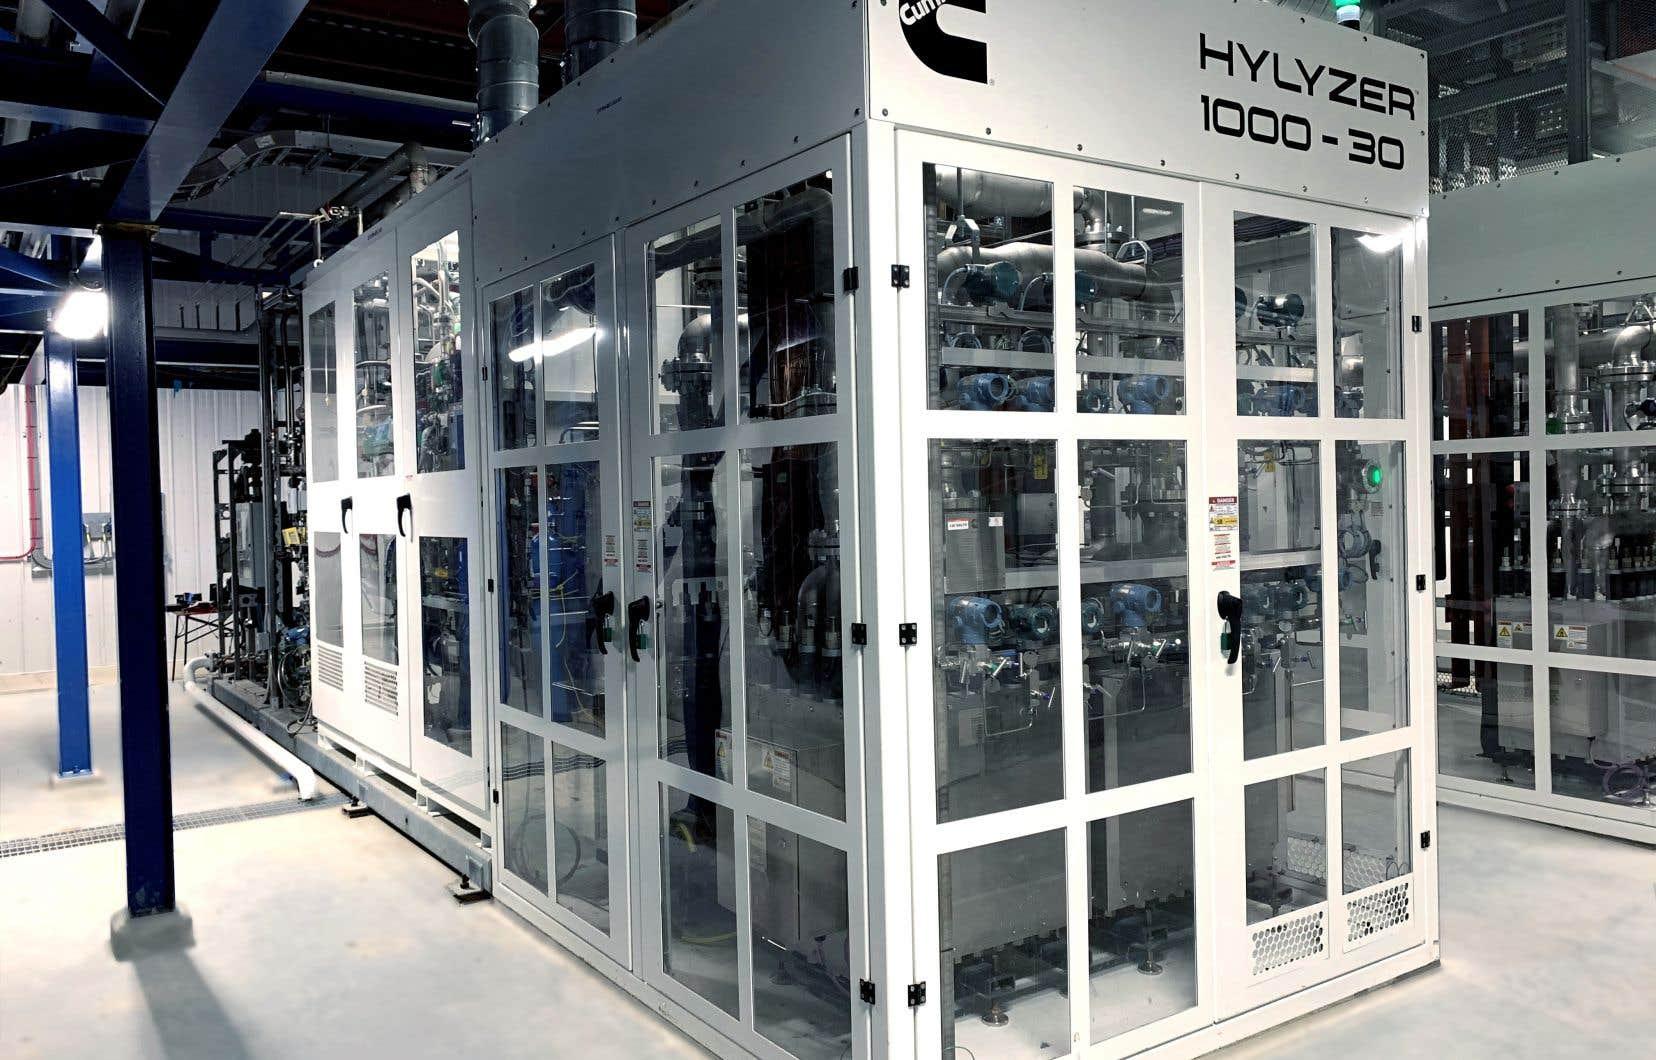 L'électrolyseur à membranes échangeuses  de protons (PEM) de Cummins permet d'ajuster rapidement  la production d'hydrogène vert en fonction des fluctuations de courant  électrique  propres aux énergies  renouvelables.